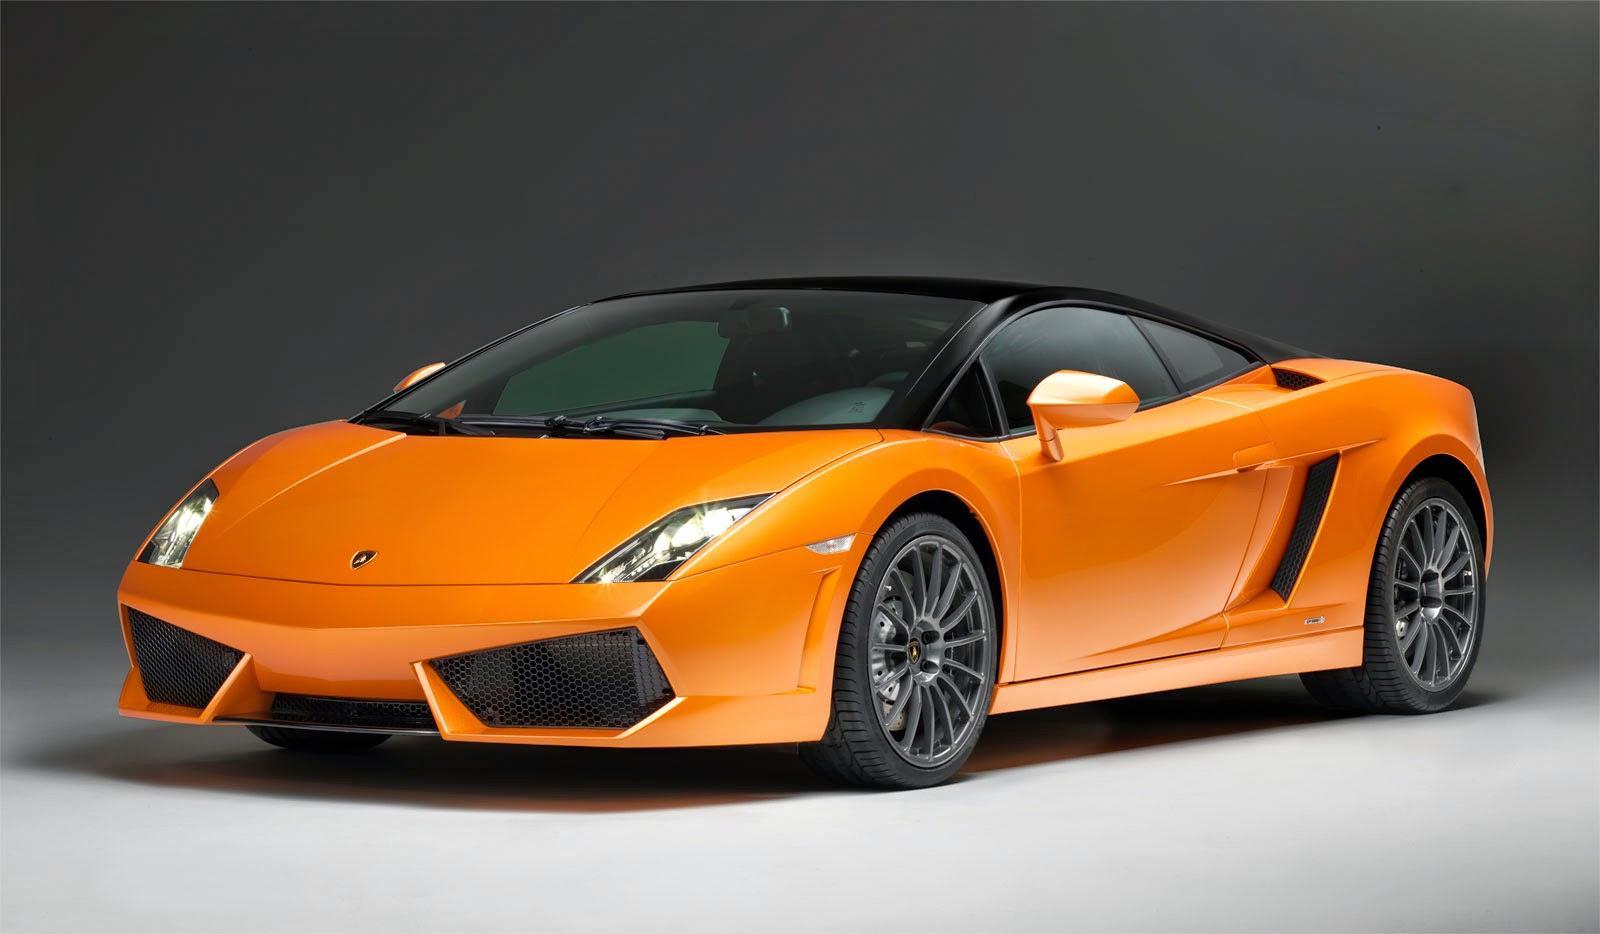 Lamborghini Sports Car Wallpapers